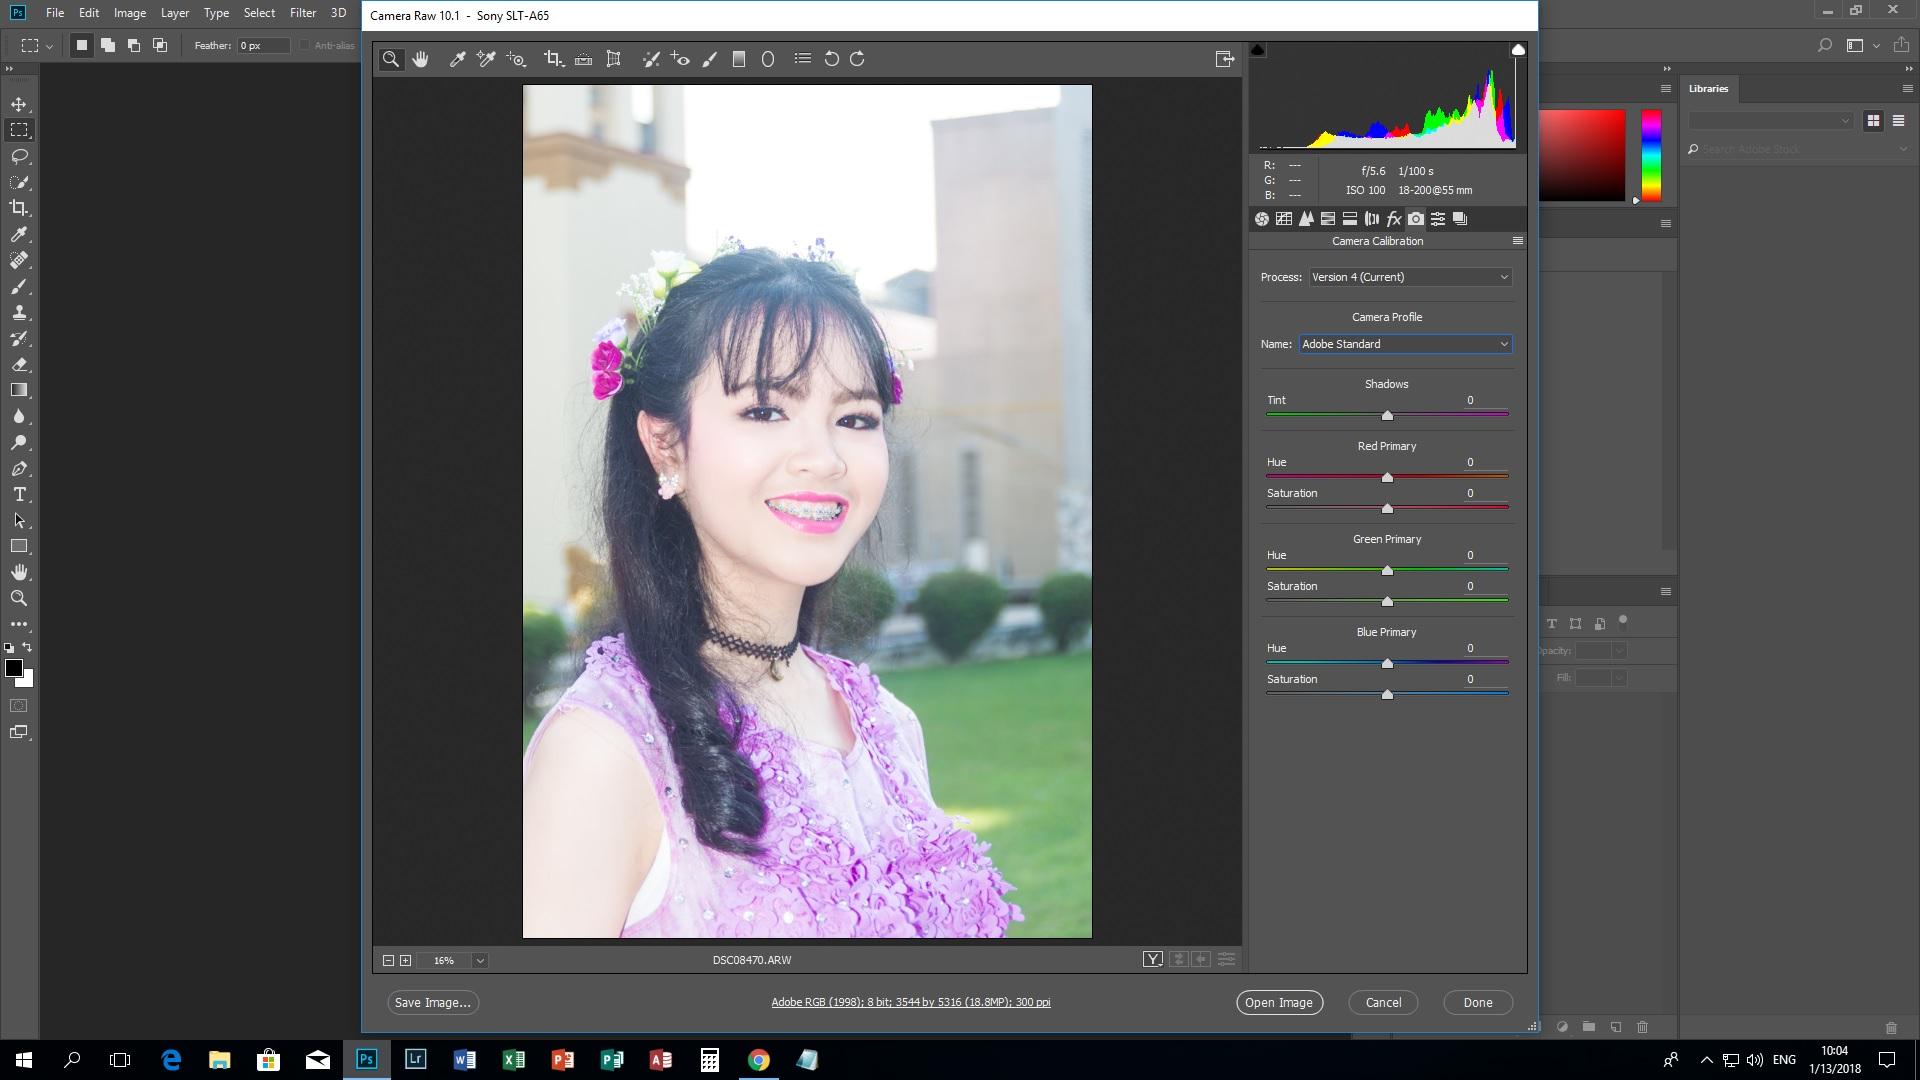 คาเมร่า รอว์ 10 1 ใน photoshop cc 2018 ไม่มีรายการ camera